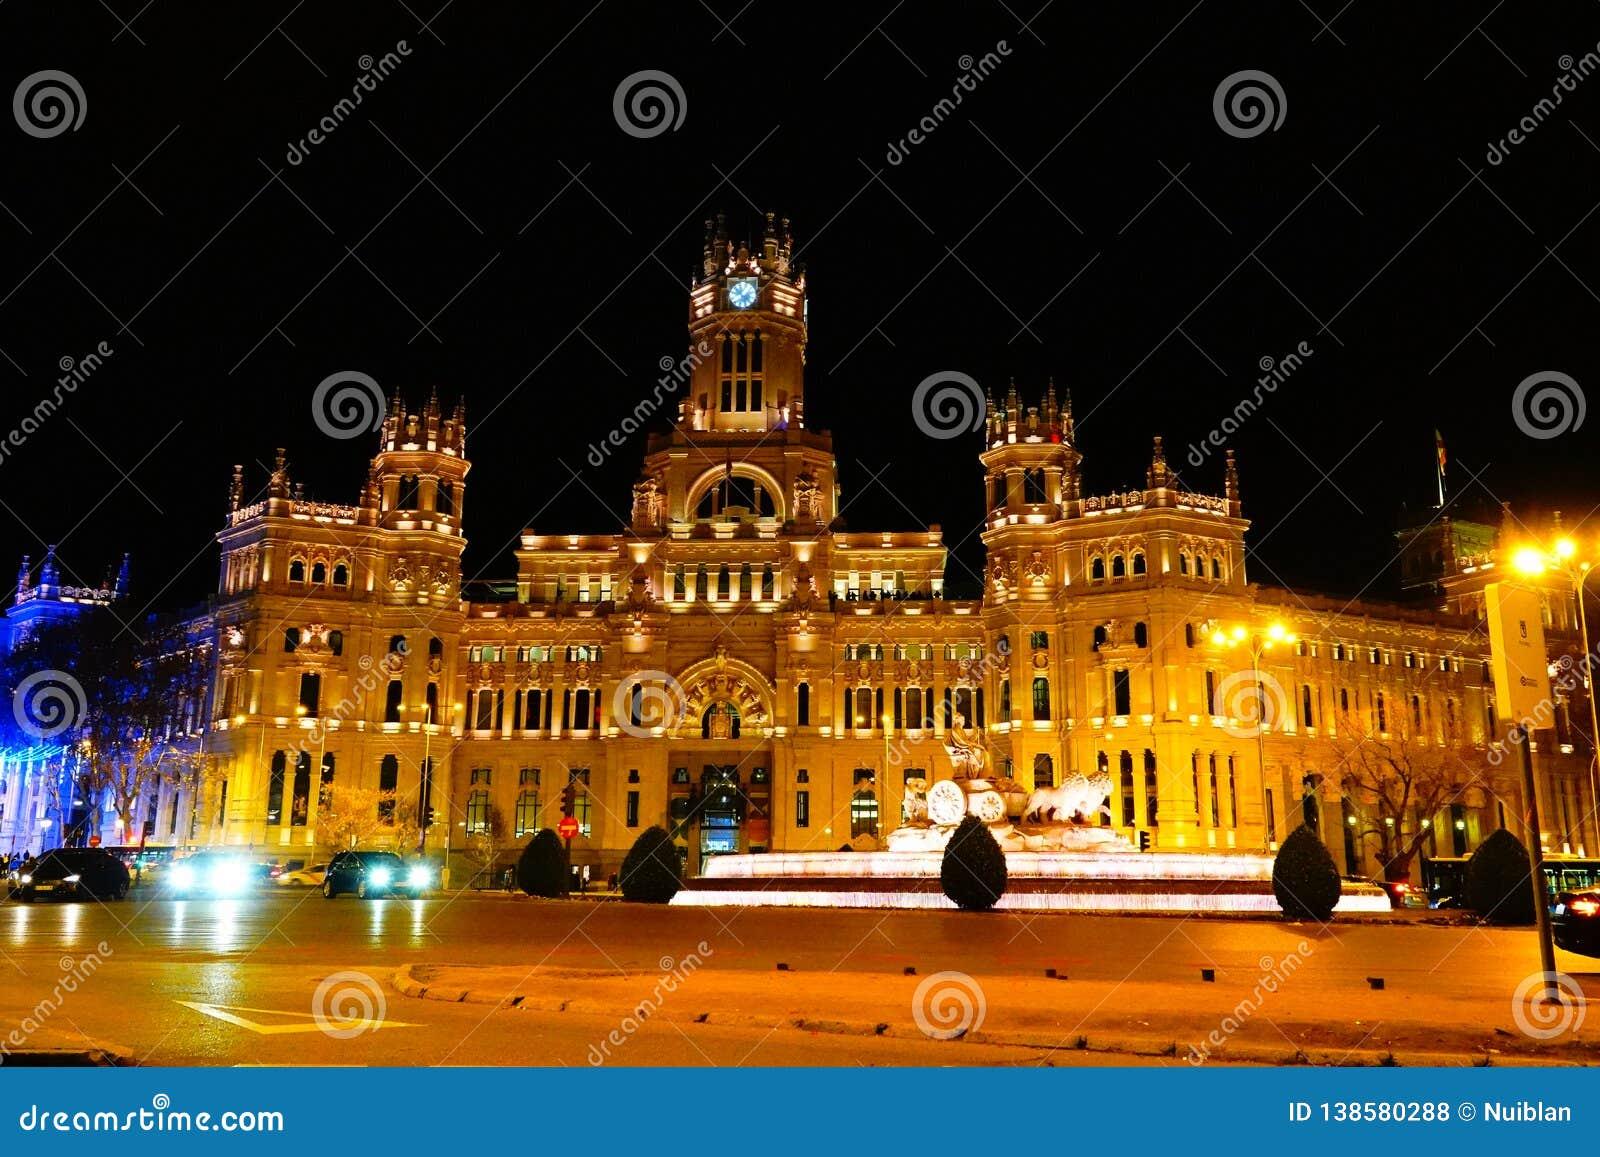 Μαδρίτη, Ισπανία  Στις 6 Ιανουαρίου 2019: Το παλάτι των επικοινωνιών και η πηγή Cybele που φωτίζεται τη νύχτα στα Χριστούγεννα